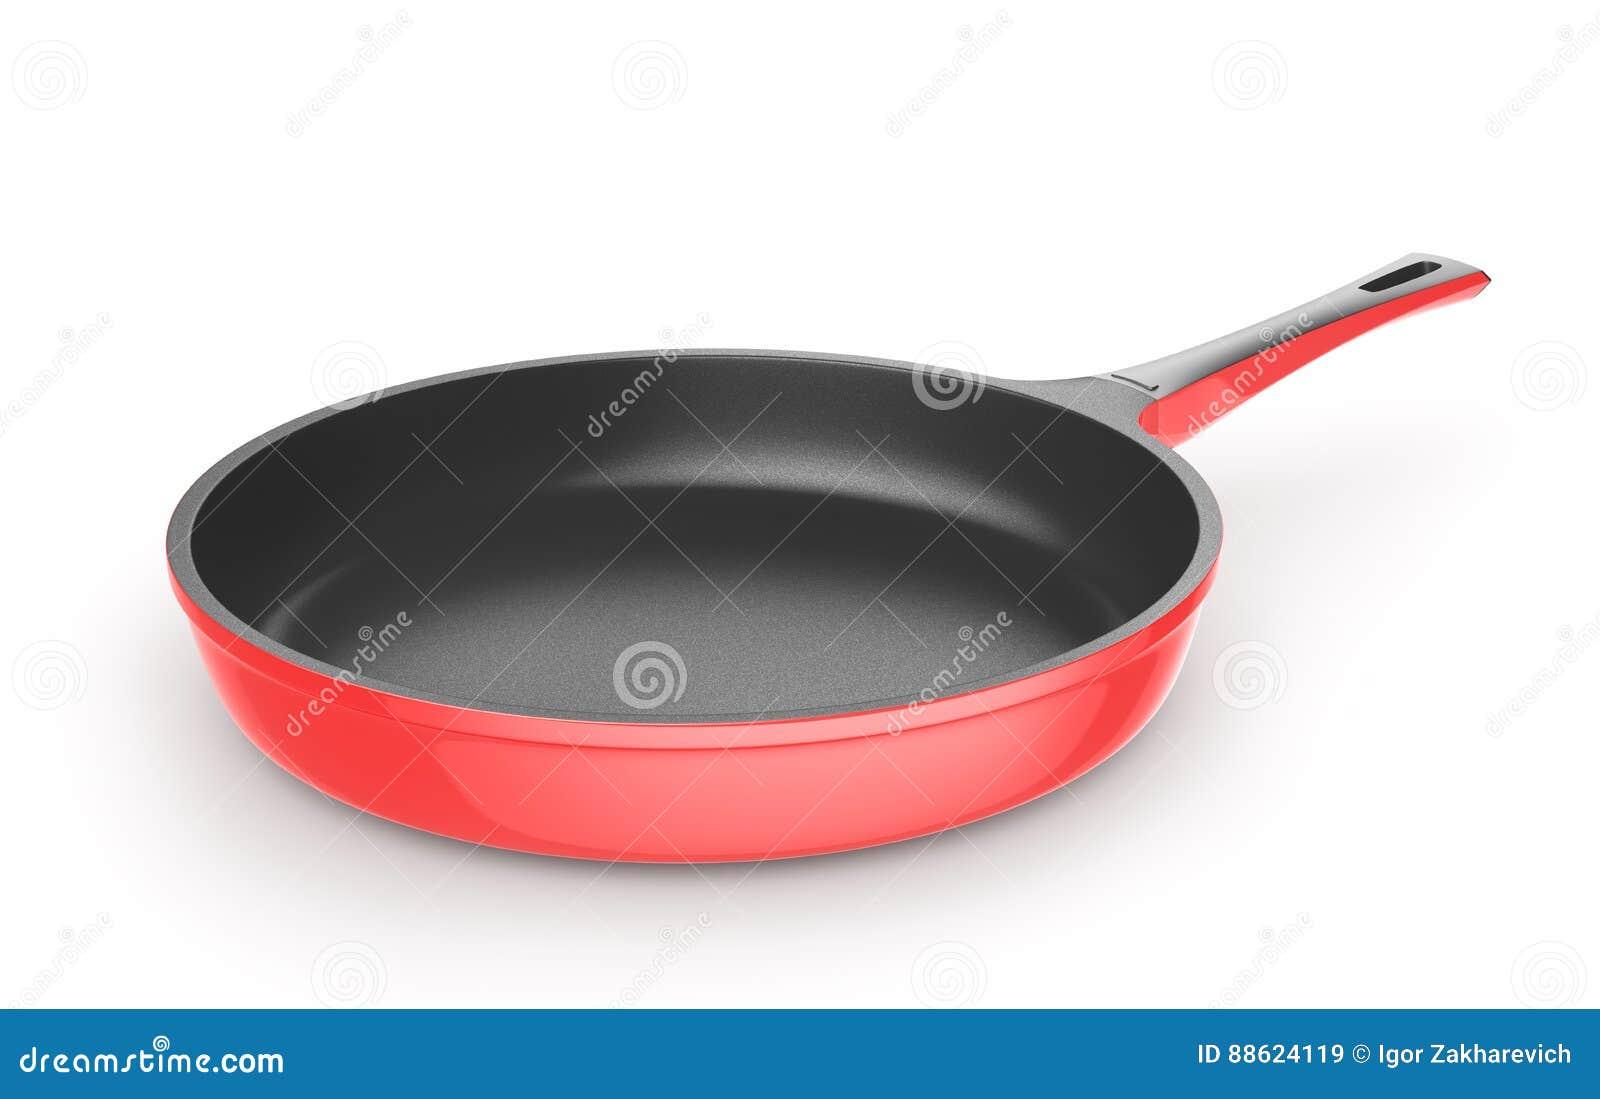 Rode pan met ceramische deklaag